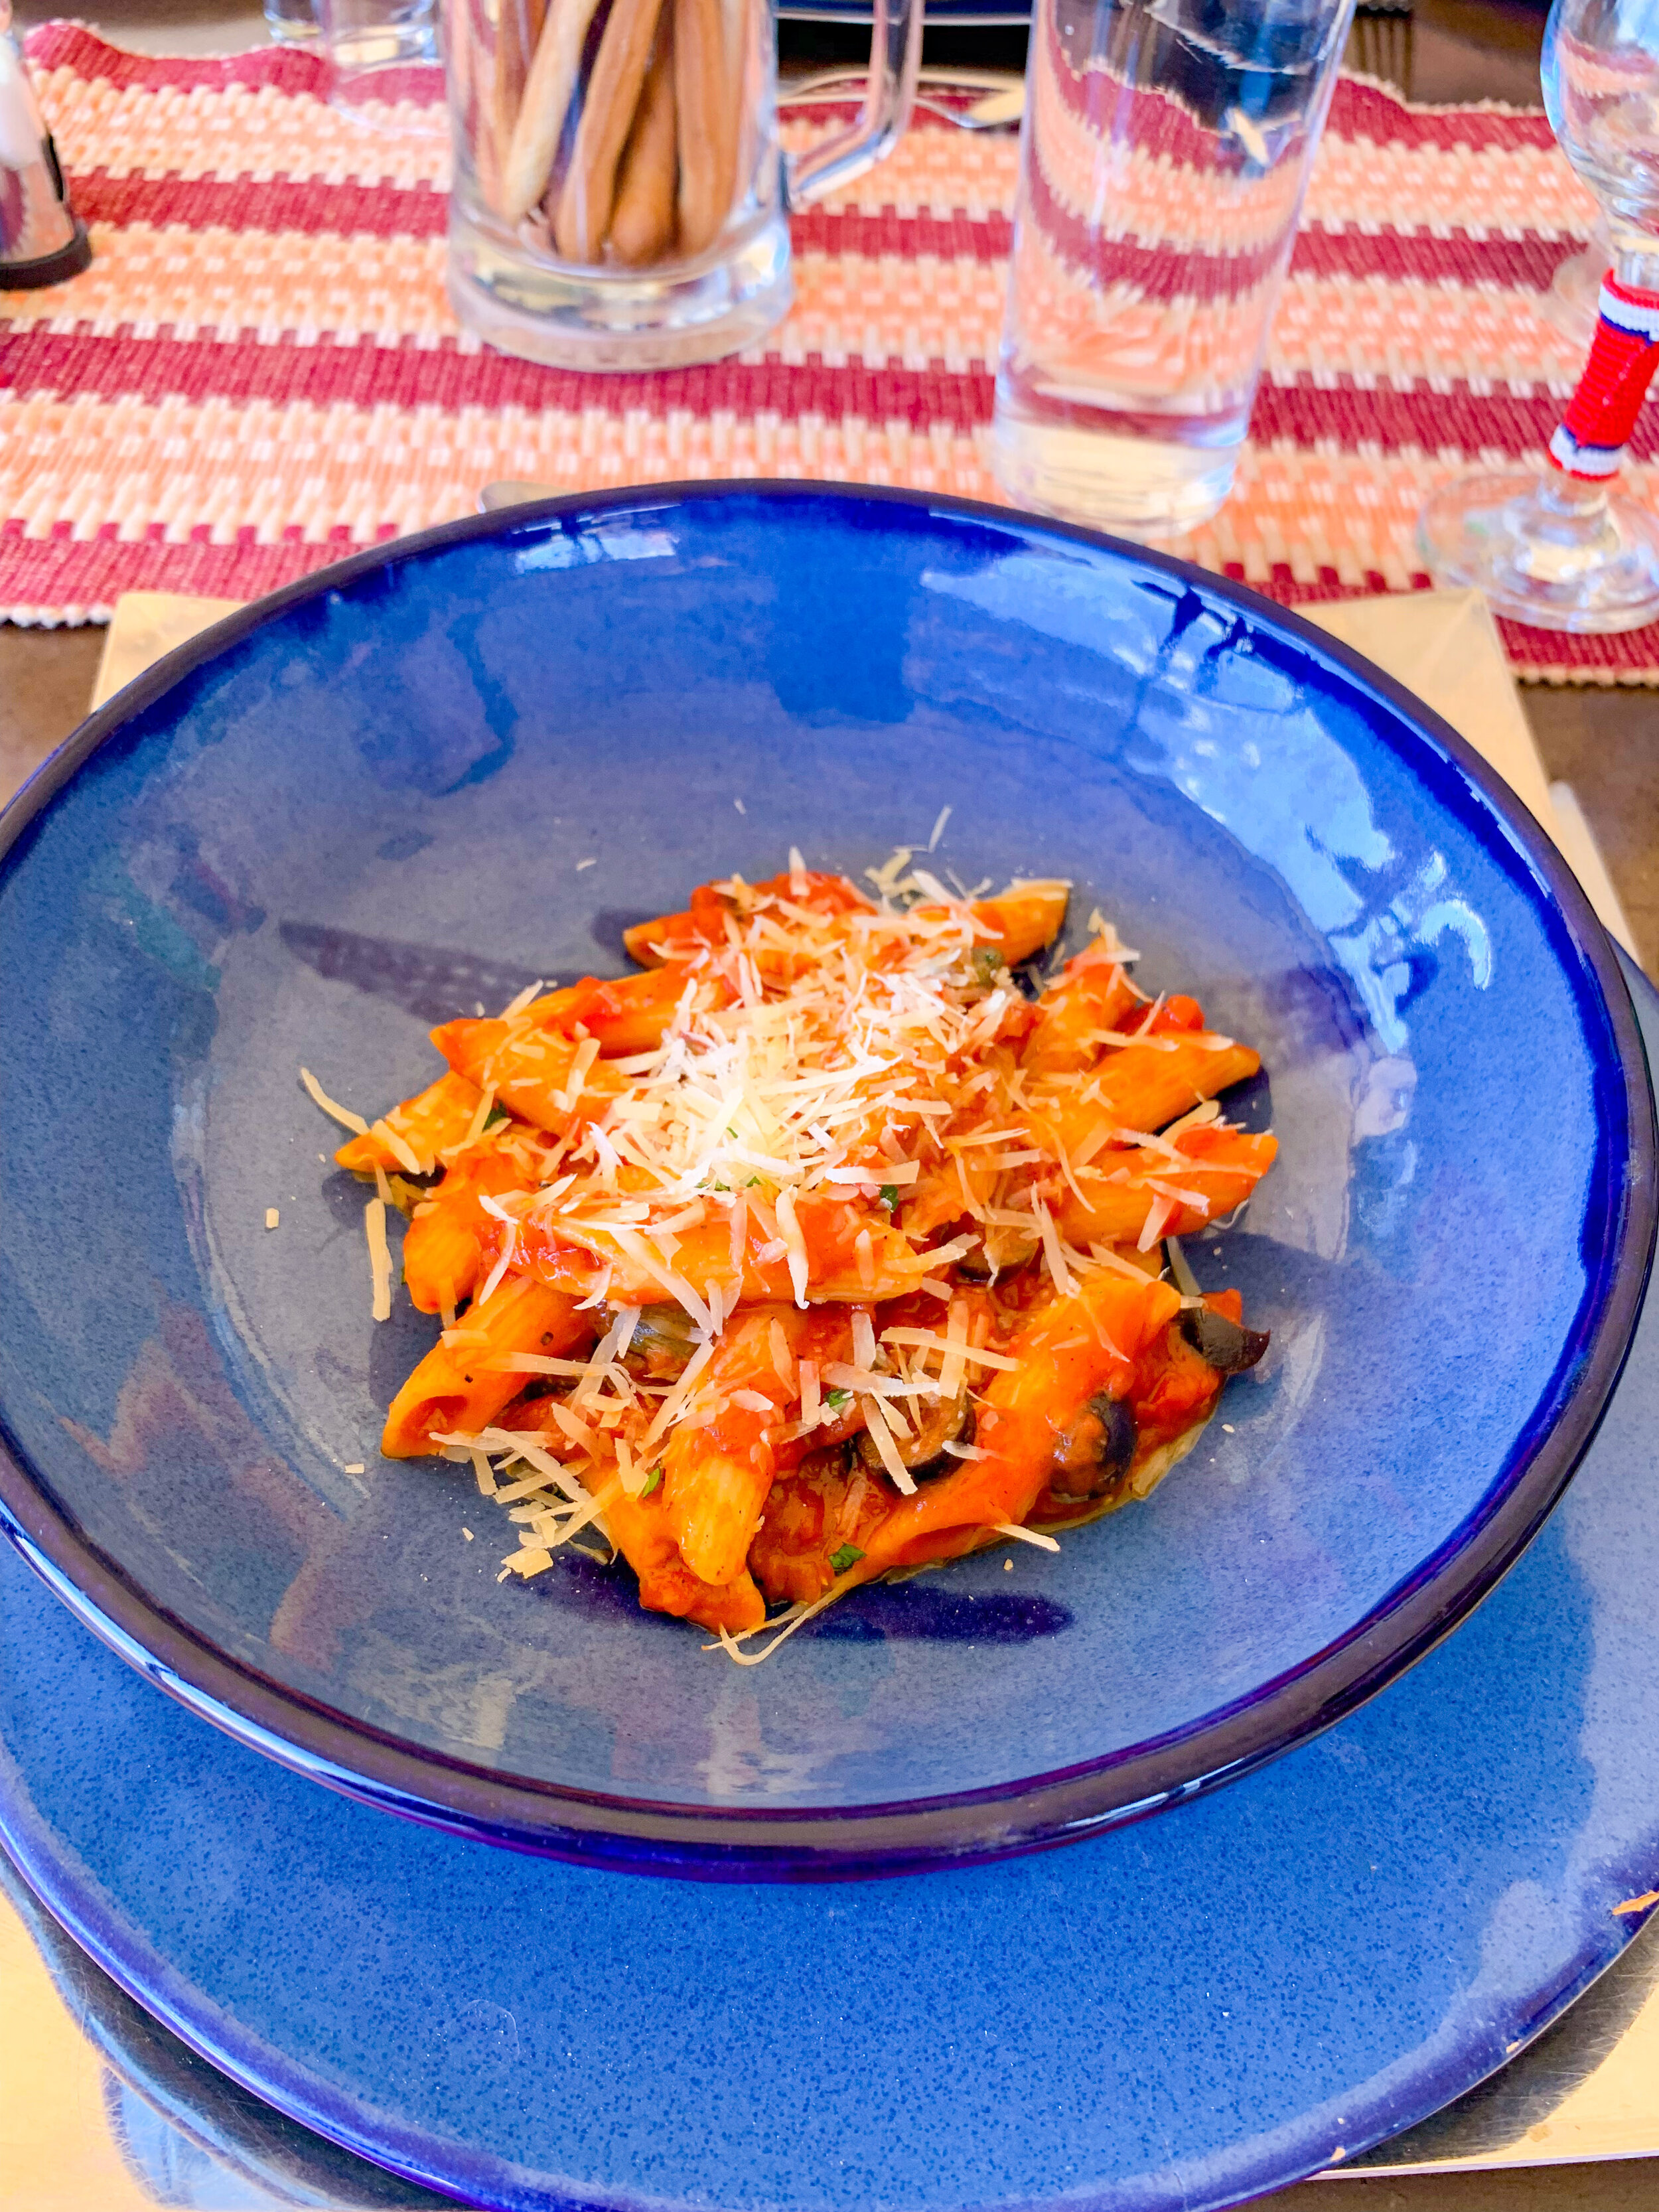 Saruni Samburu Food - Italian with Kenyan Flair